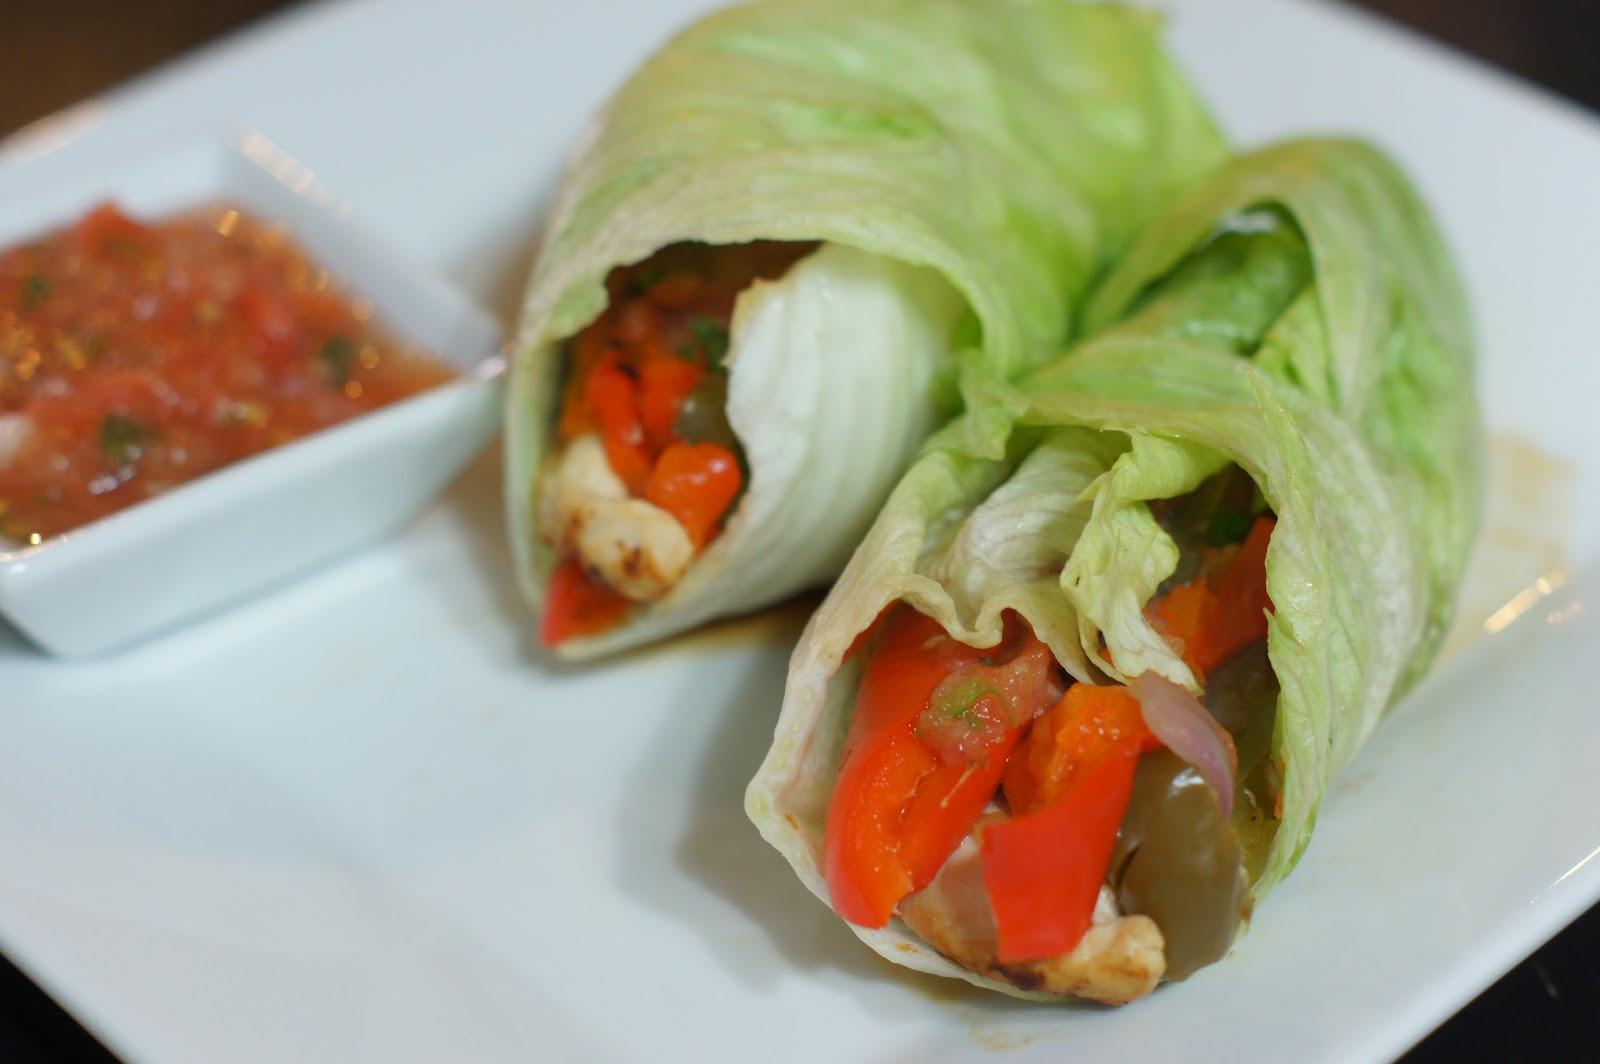 Healthy Chicken Fajitas  Amanda s Annotations Healthy Chicken Fajitas and Homemade